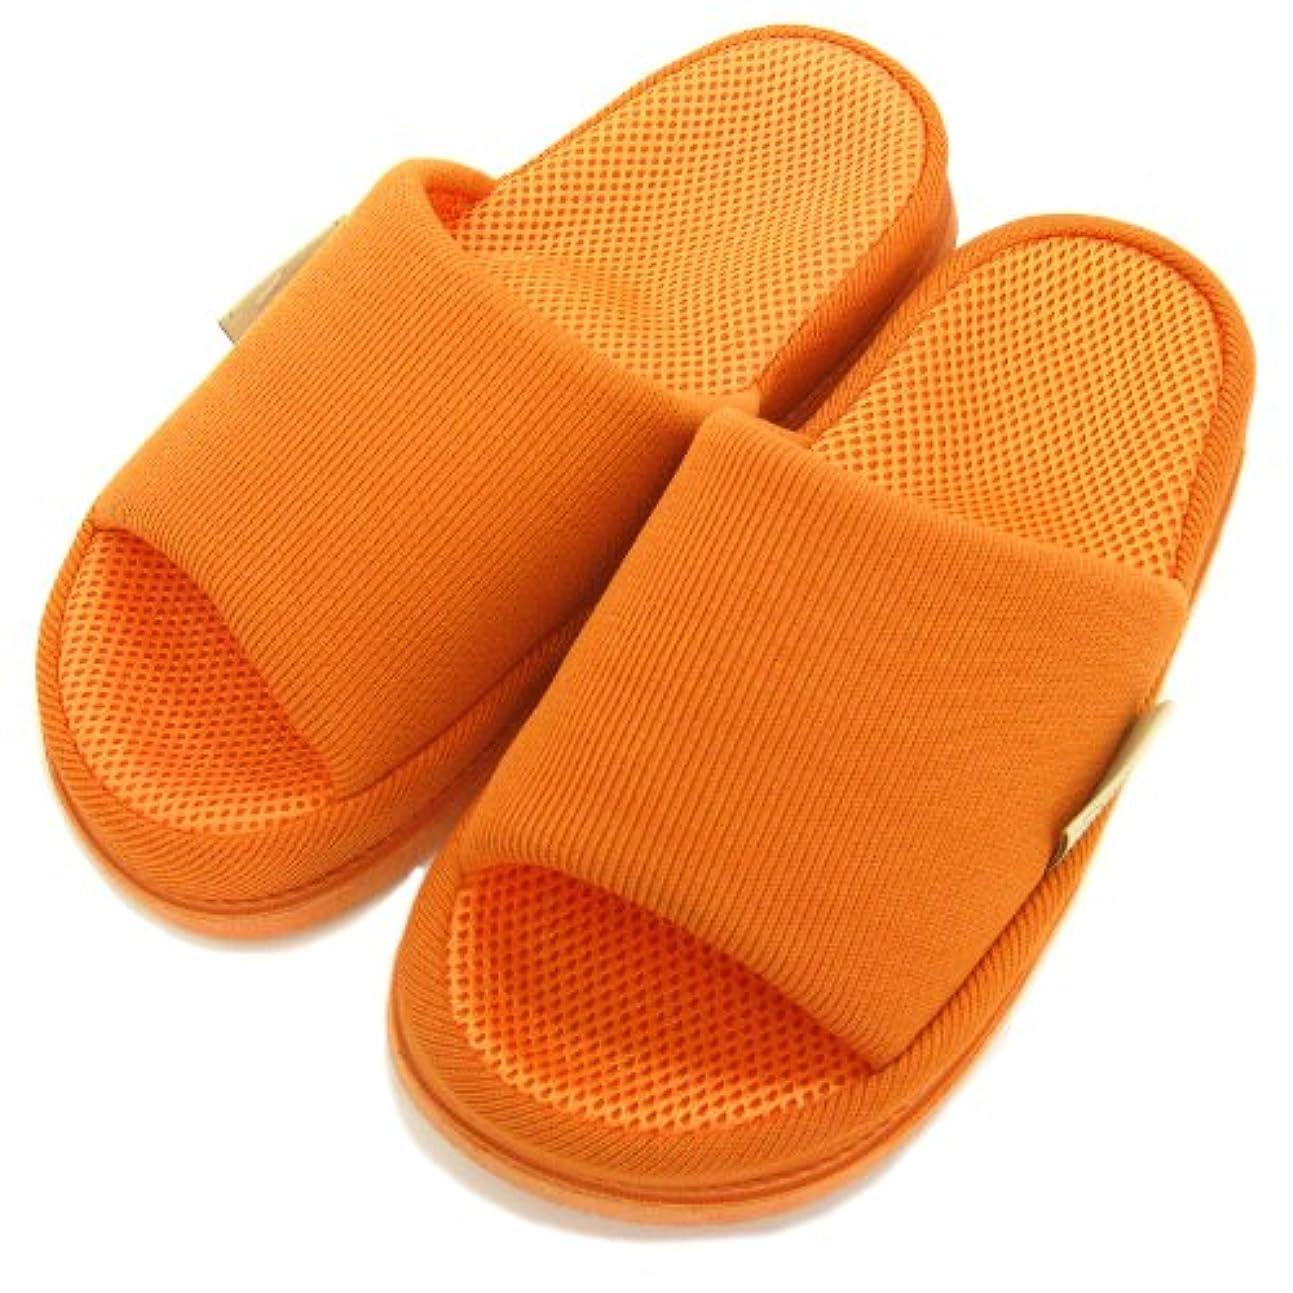 ノミネートかる心理的足で癒す リフレクソロジースリッパ リフレ 中心 オレンジ M